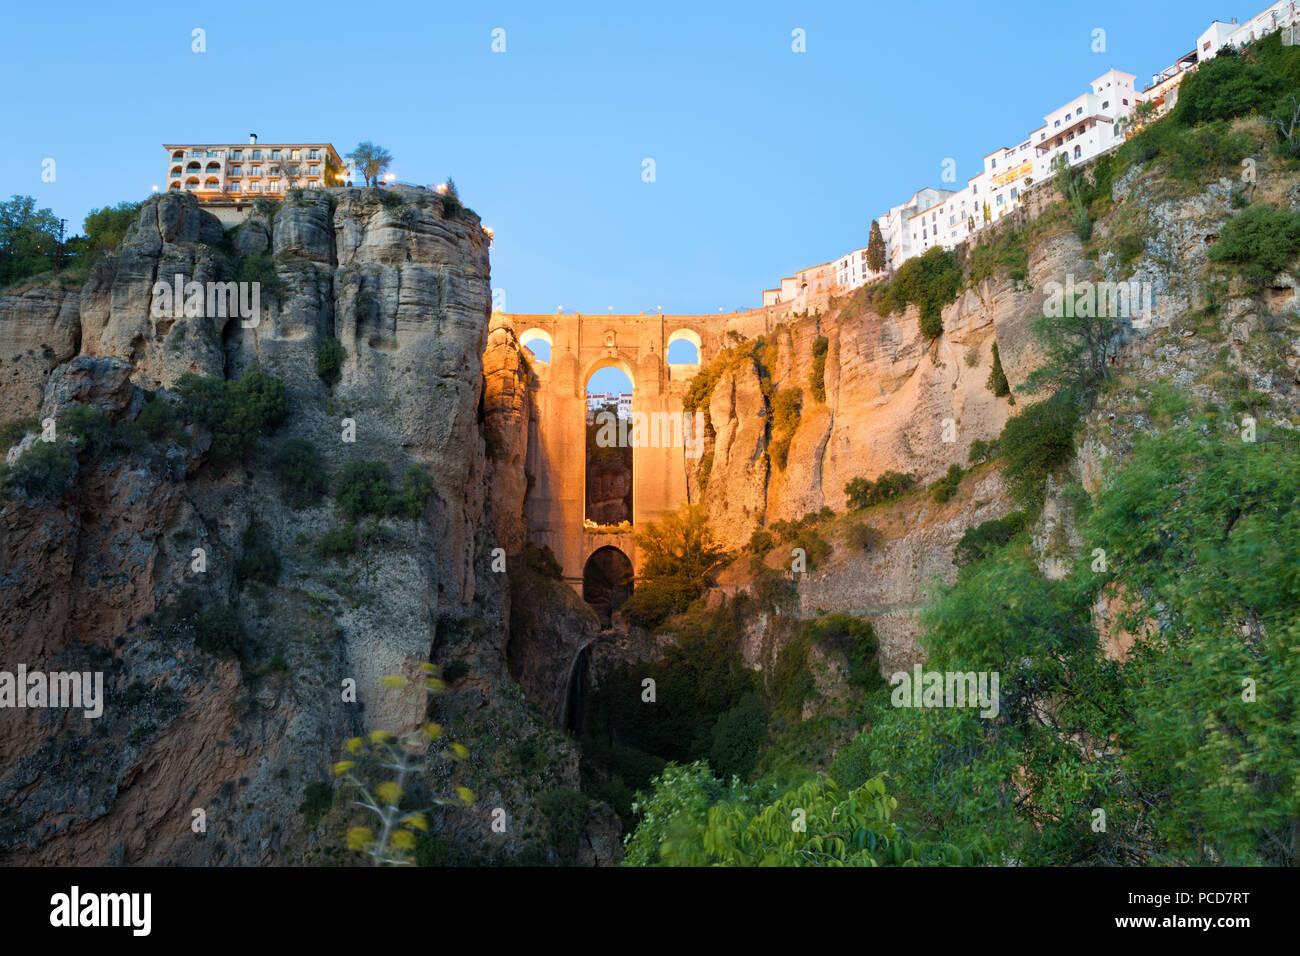 Puente Nuevo) iluminadas por la noche y la ciudad blanca encaramada sobre acantilados, Ronda, Andalucia, España, Europa Imagen De Stock